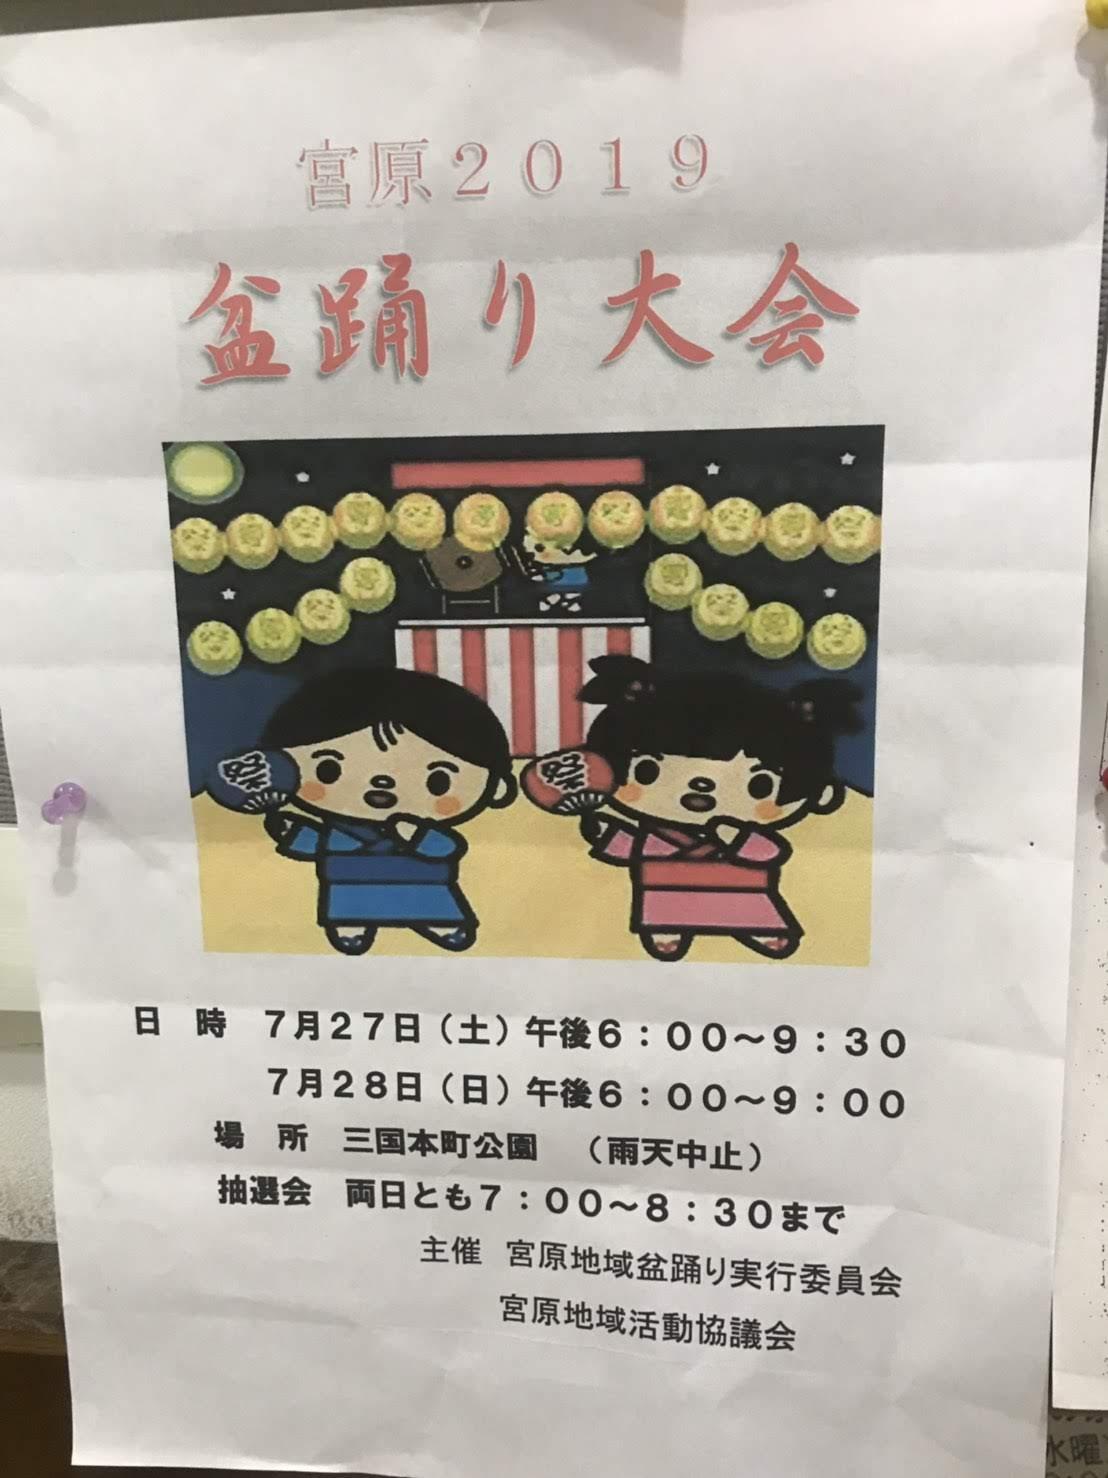 宮原地域 盆踊りのお知らせ 2019年